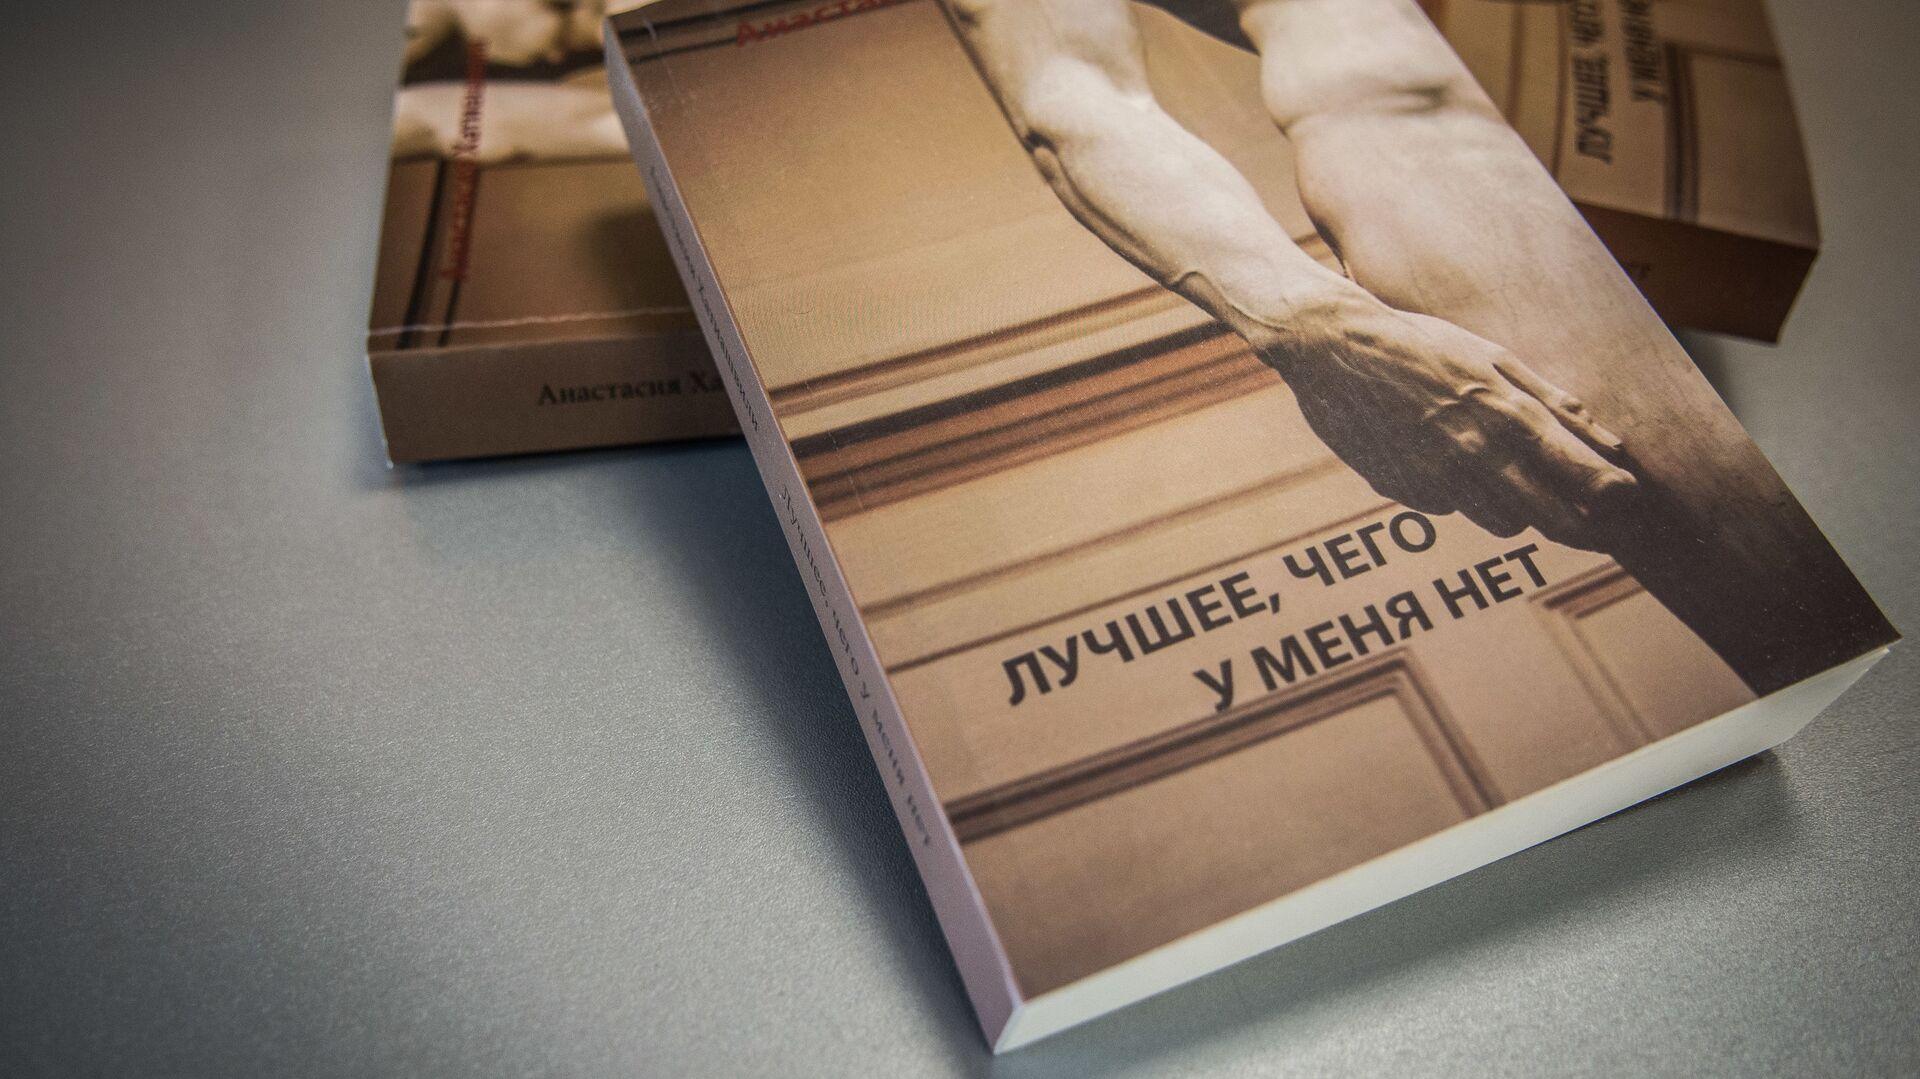 ანასტასია ხატიაშვილის წიგნი - Sputnik საქართველო, 1920, 18.05.2021